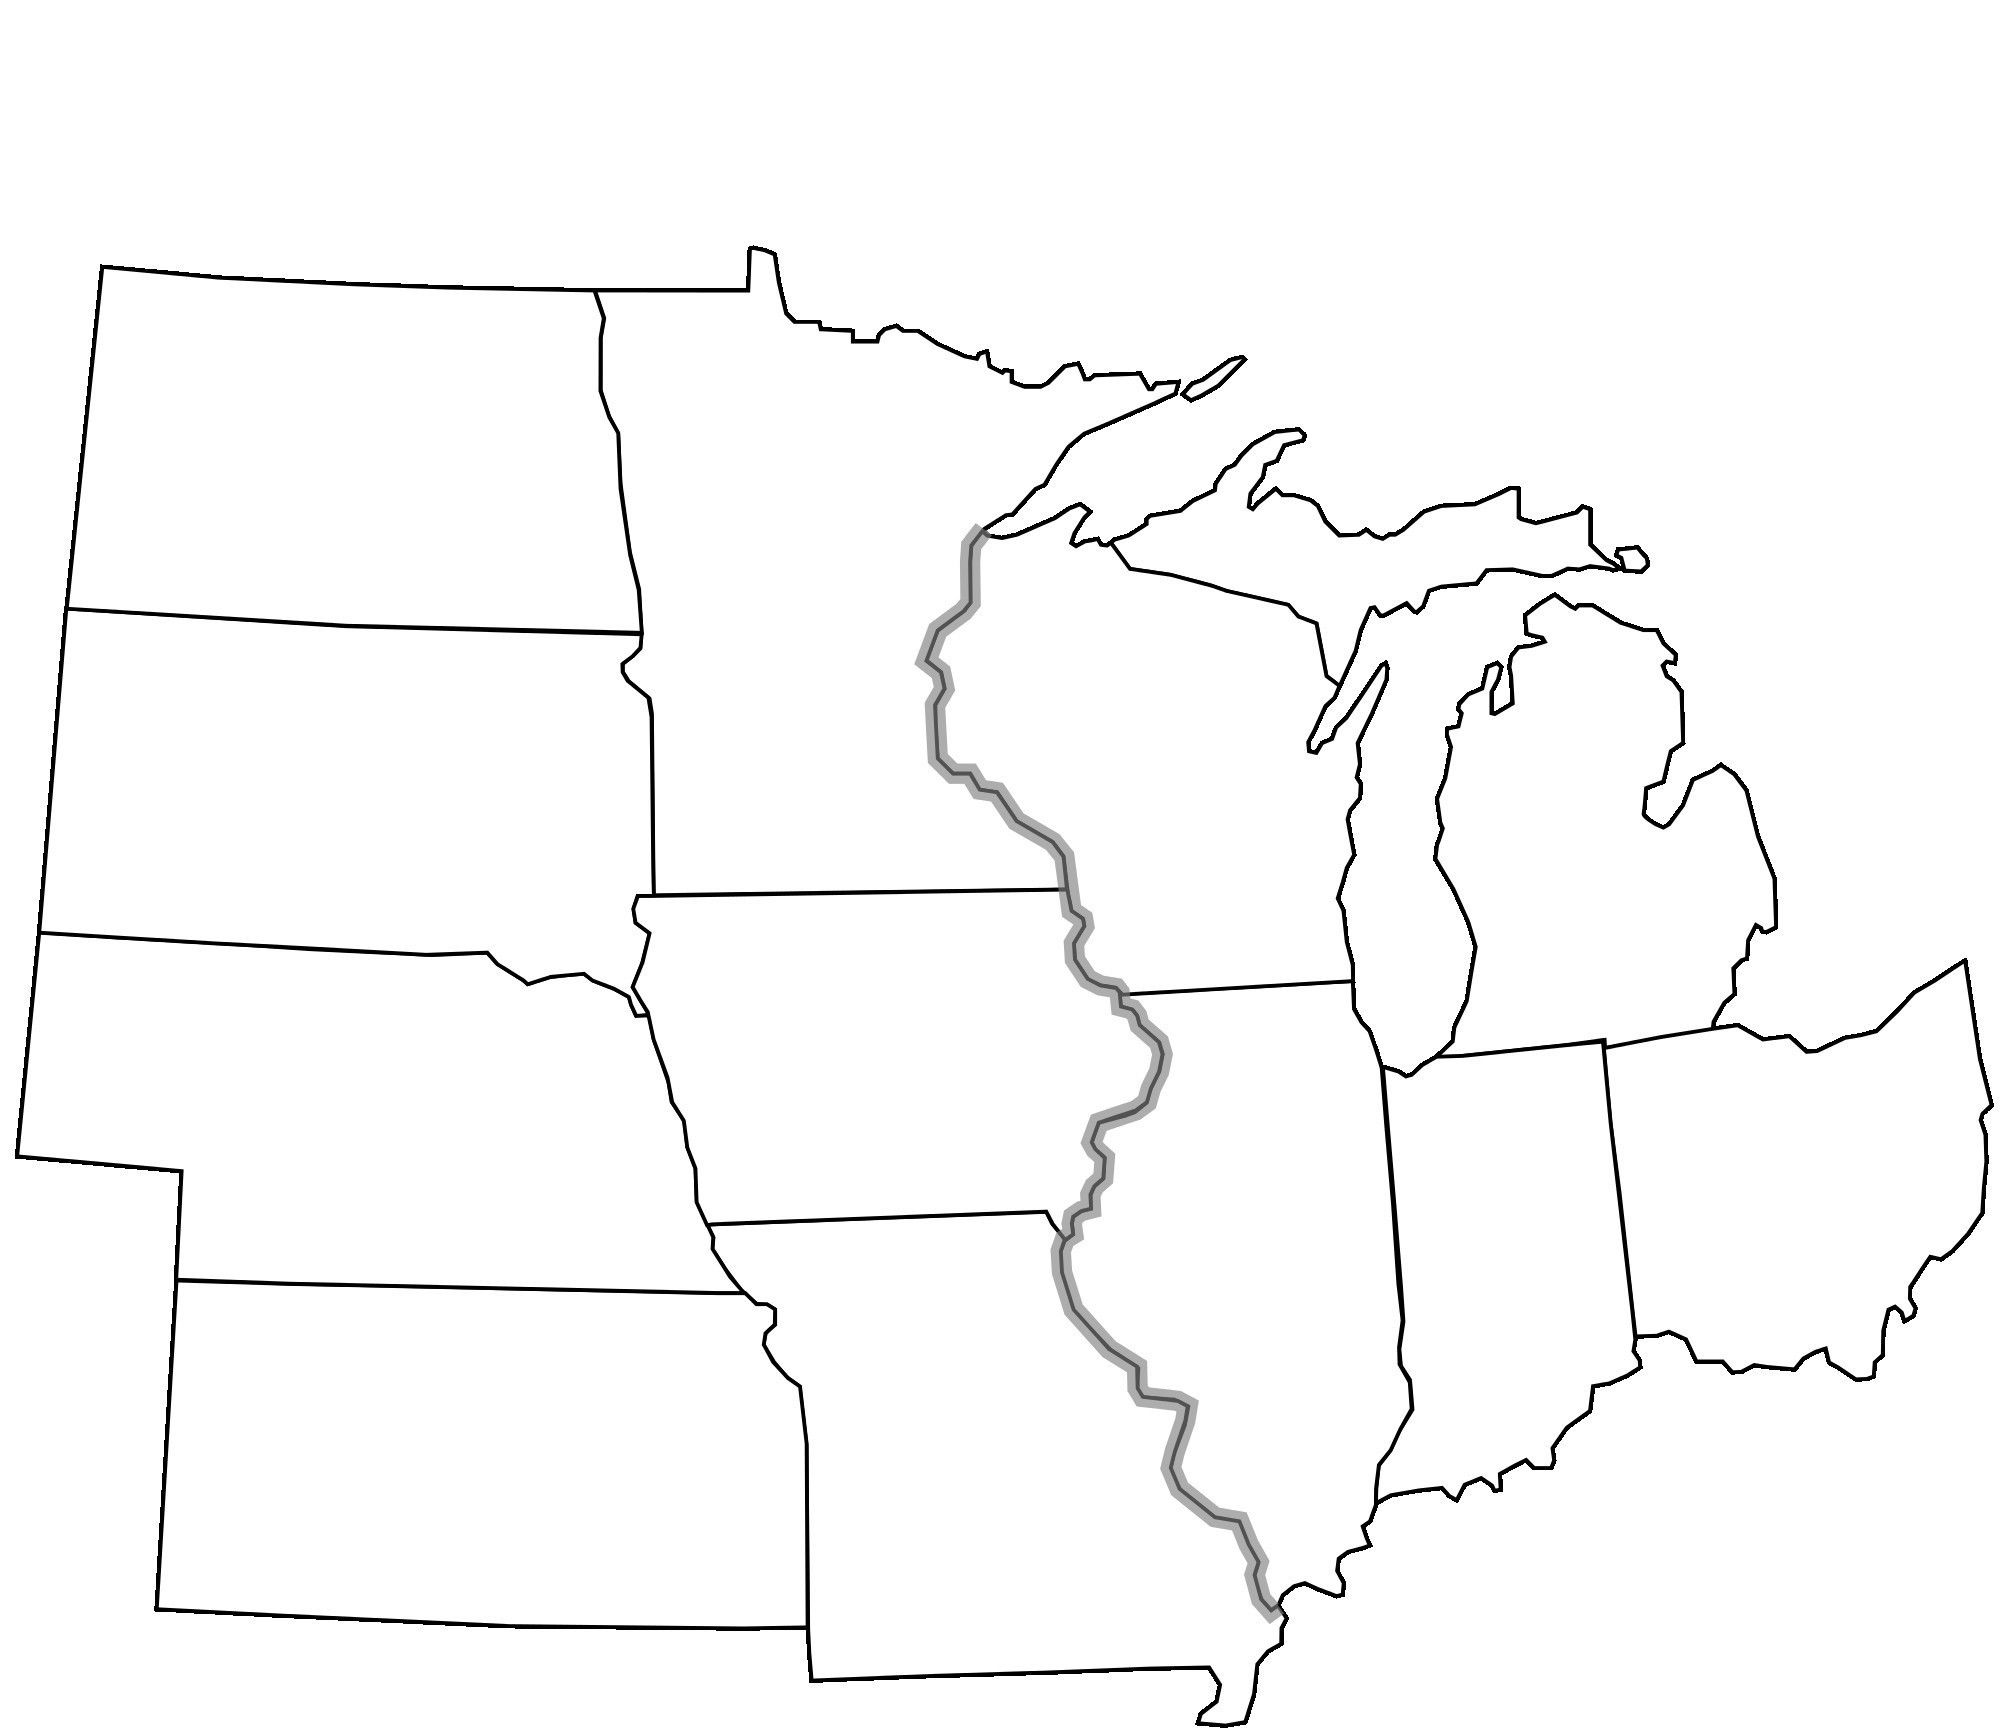 Us Midwest Region Map Blank Us Midwest Region Map Blank ...